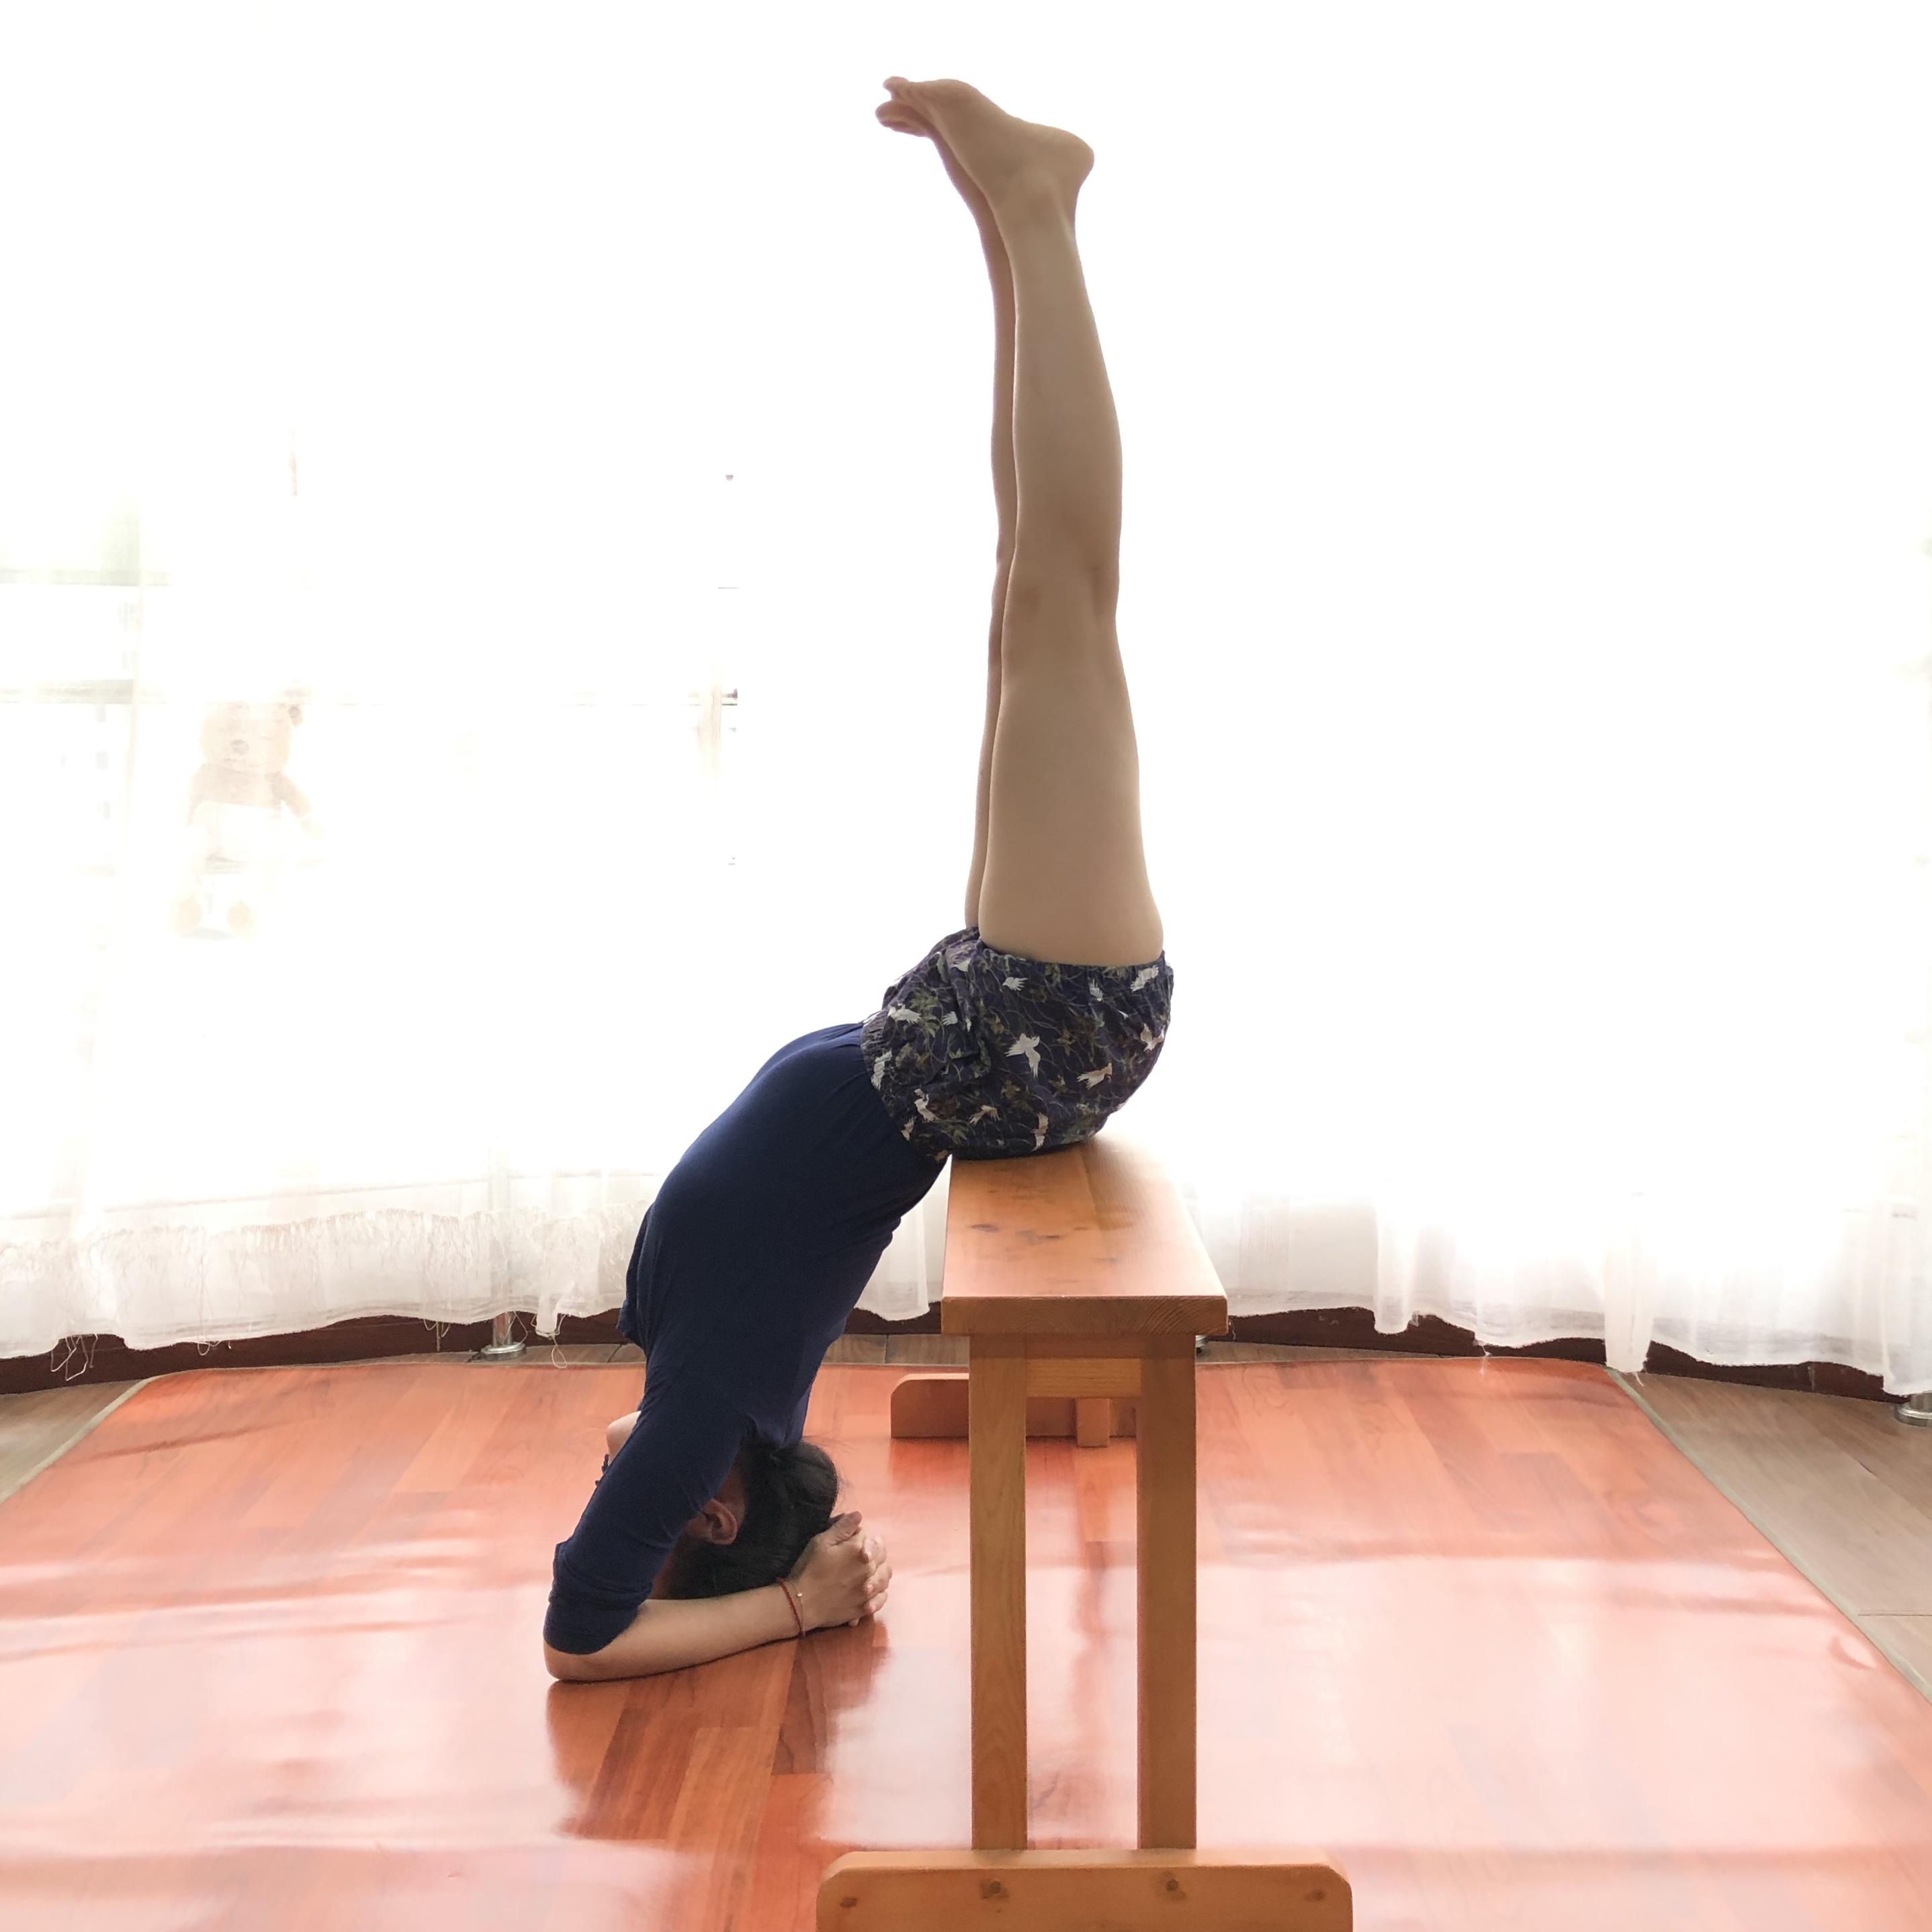 艾扬格瑜伽辅具窄长凳宽长凳肩倒立支撑器木制舒展器